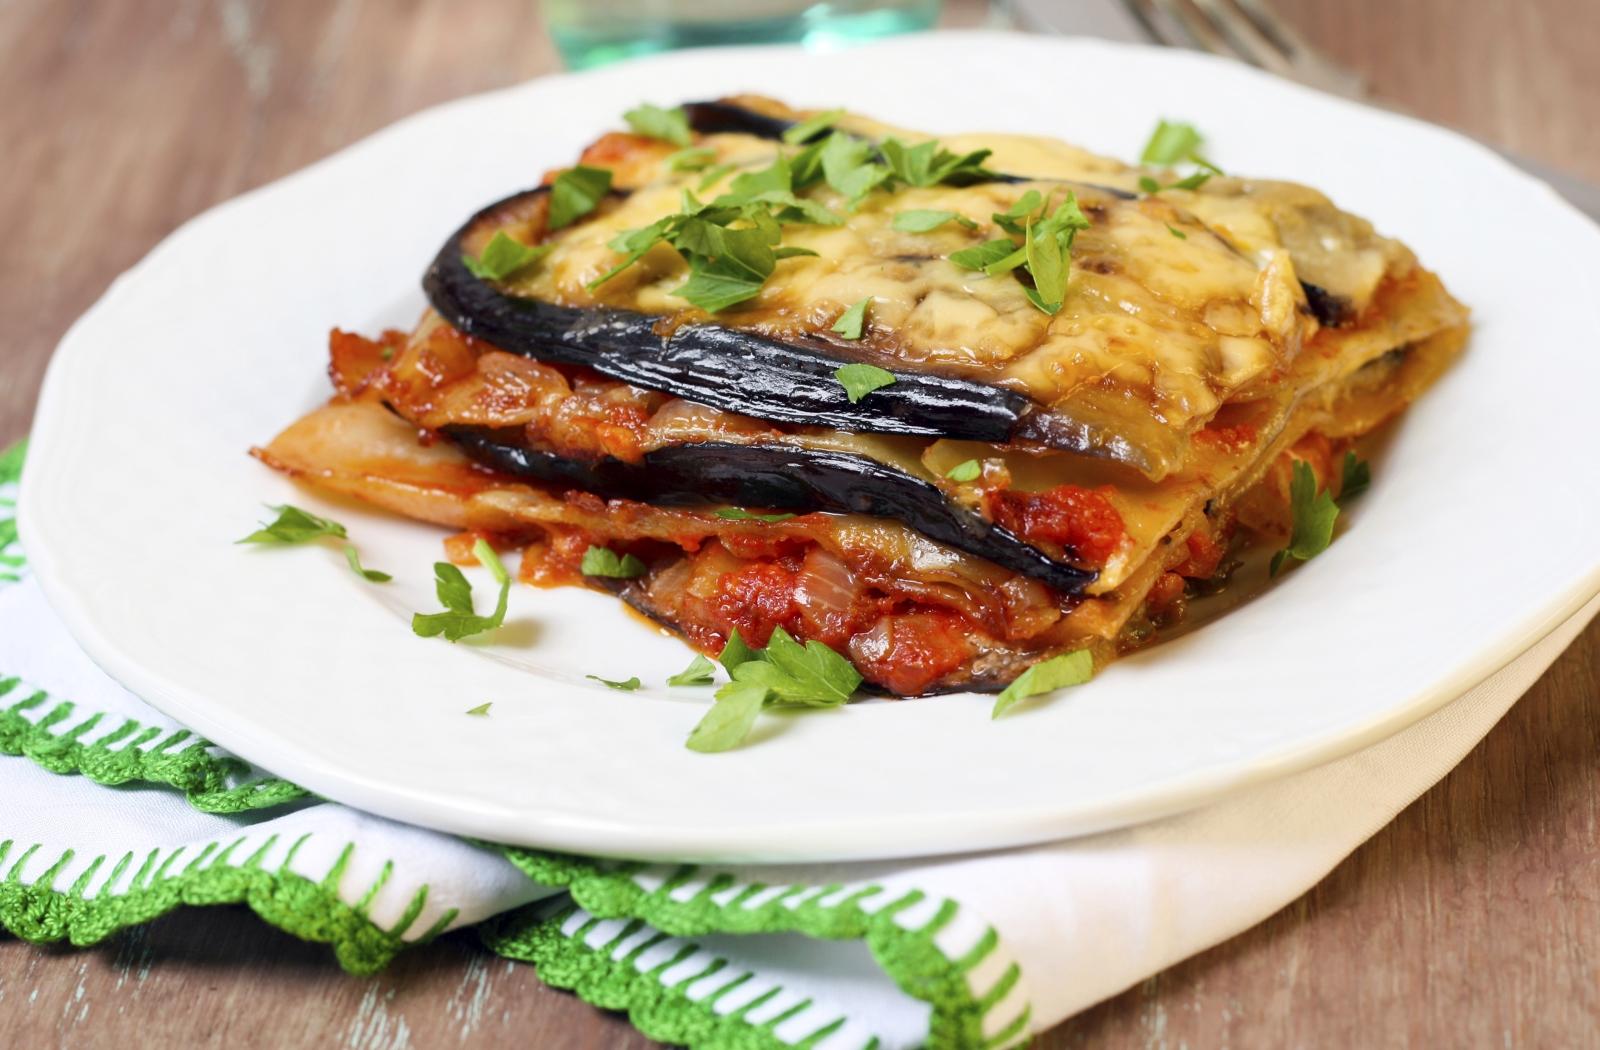 vegetarische lasagne mit zucchini rezept von pastaweb. Black Bedroom Furniture Sets. Home Design Ideas